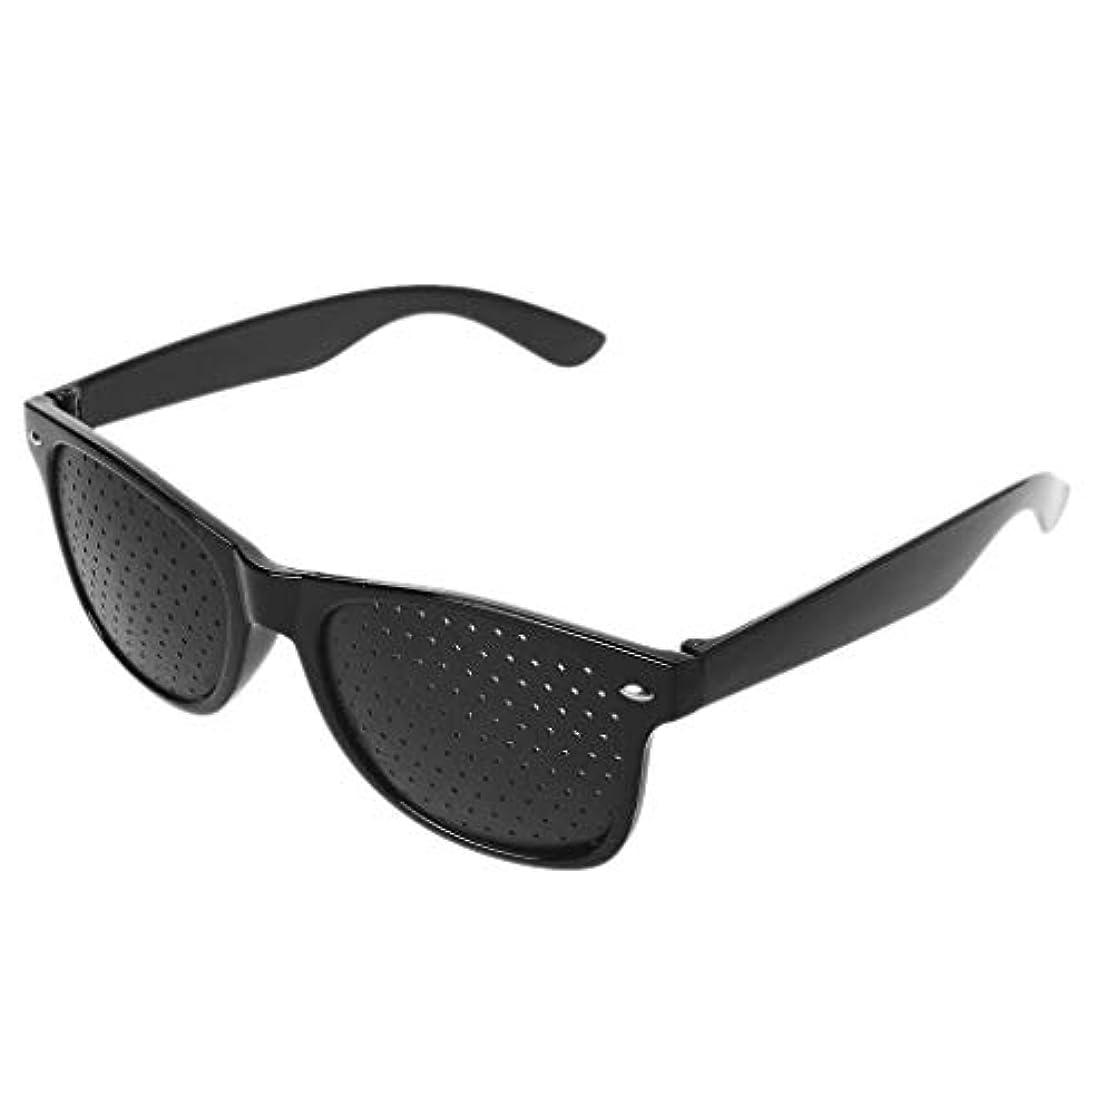 スイス人霧ヒゲピンホールメガネ、アイズエクササイズアイサイトビジョンメガネの改善ビジョンケアメガネ近視の防止メガネの改善